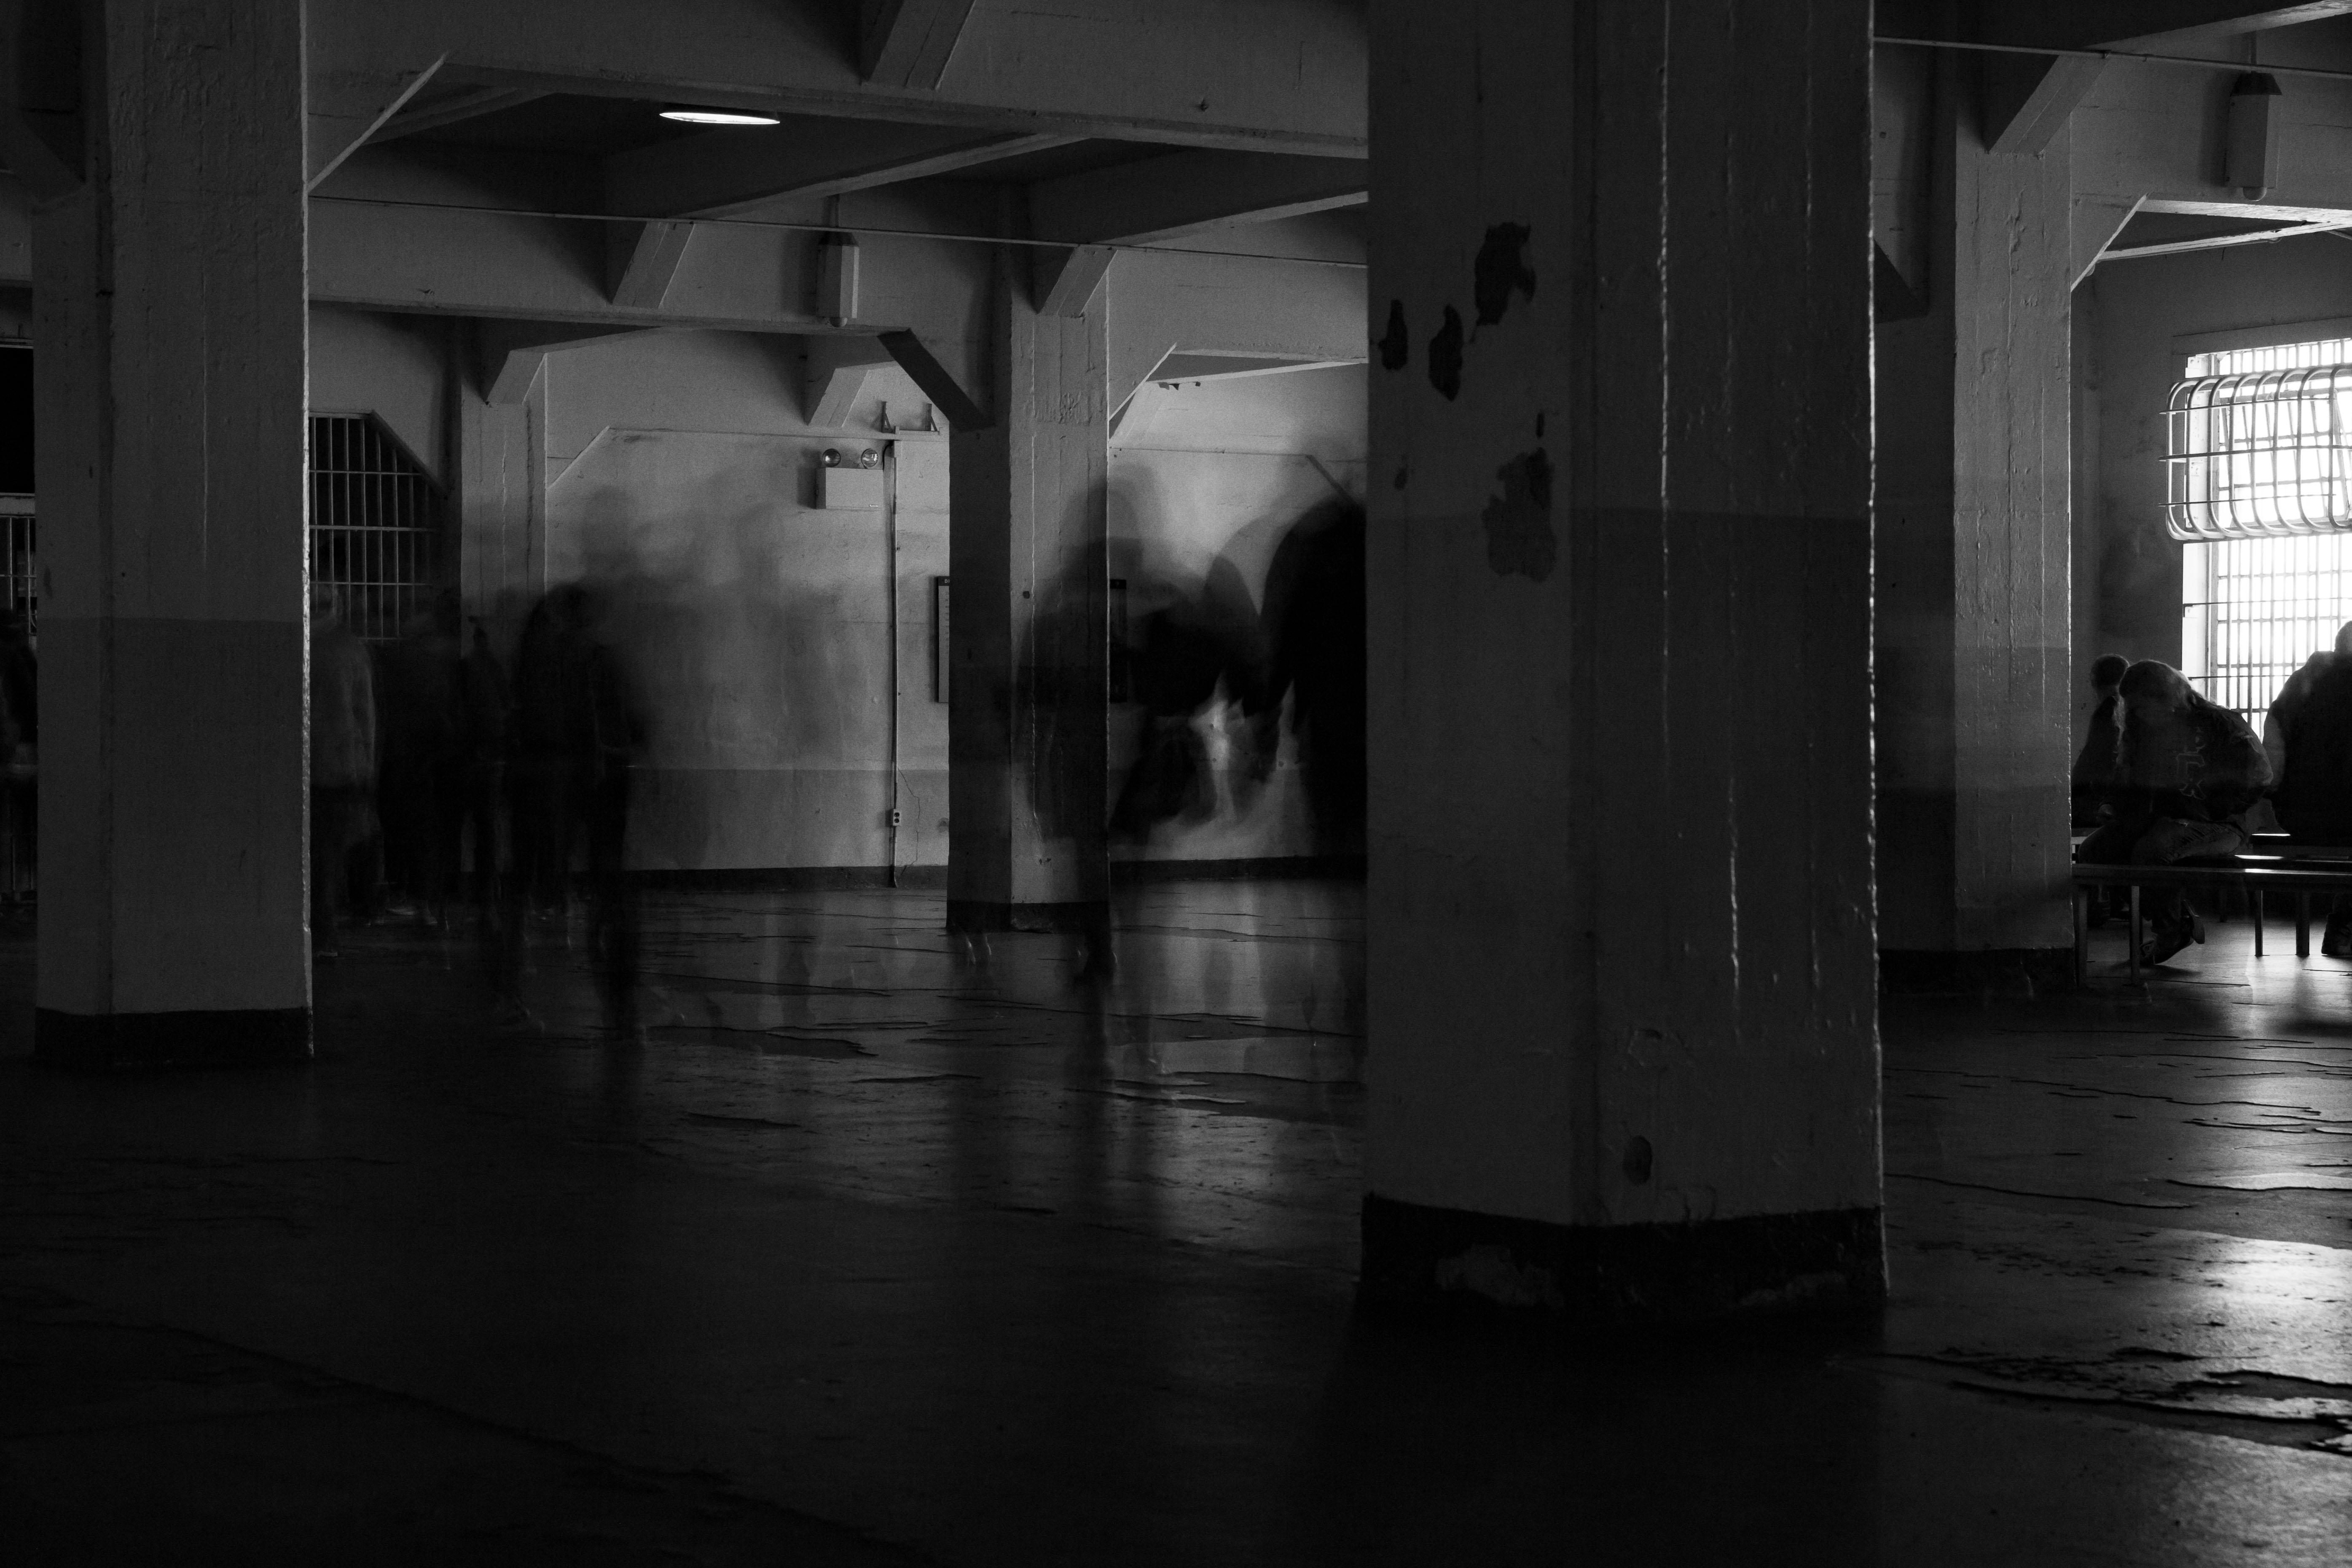 alcatraz-motion-wp (1 of 1)